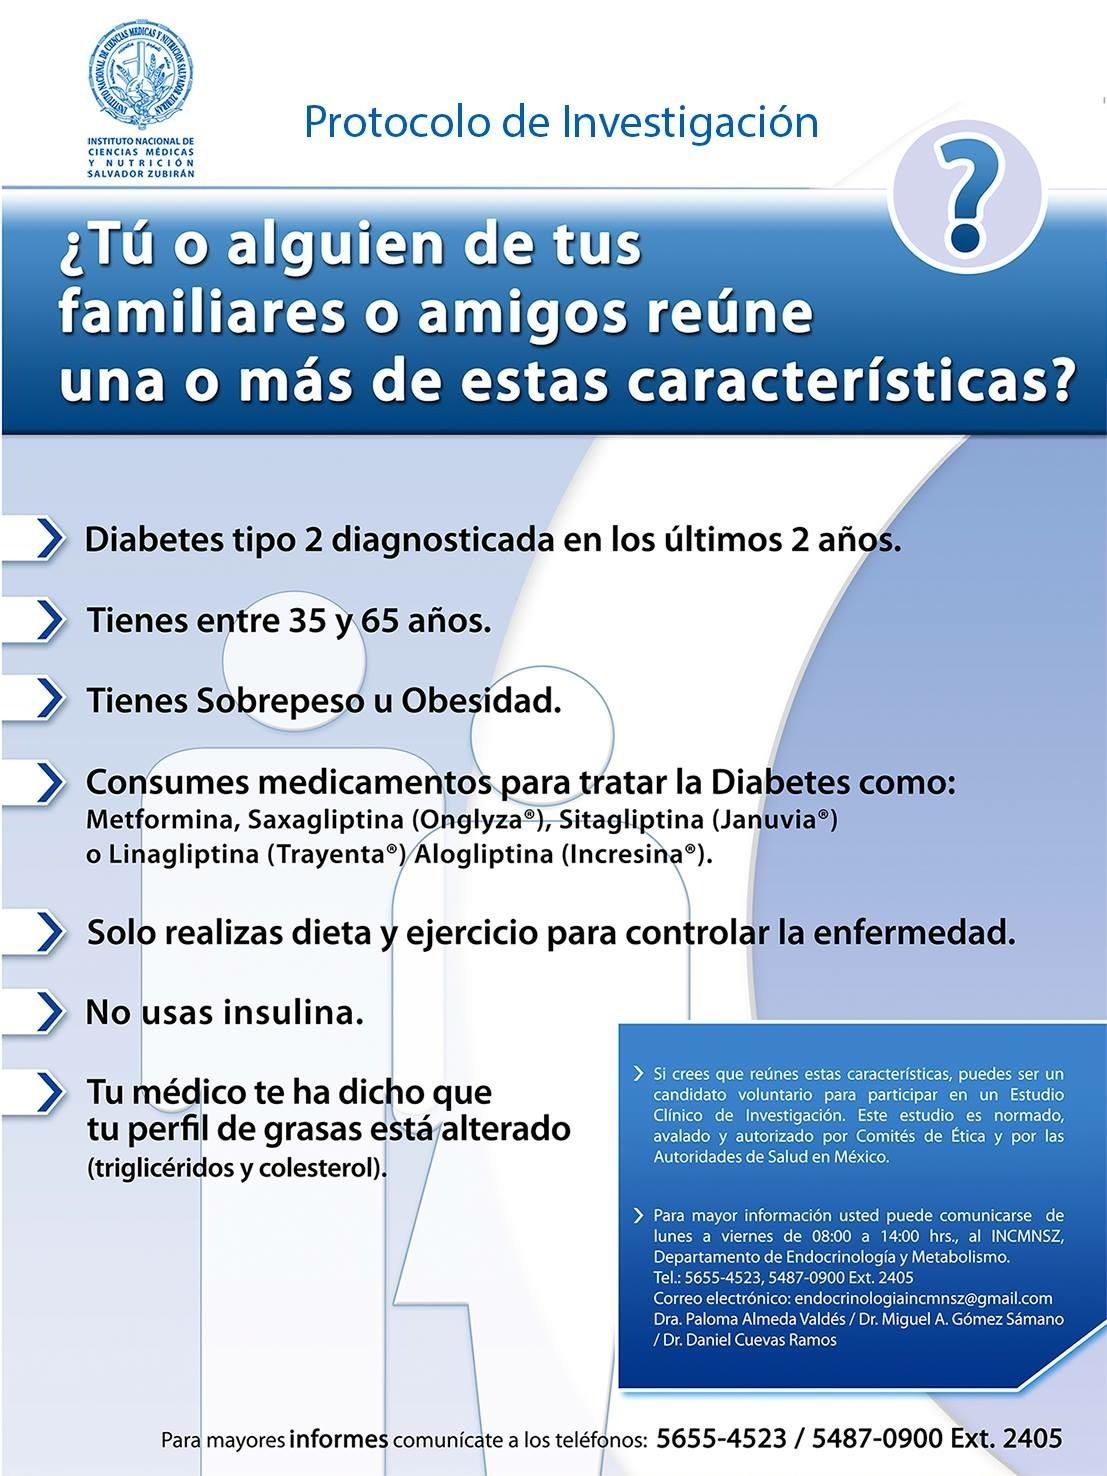 Protocolo diabetes INNSZ